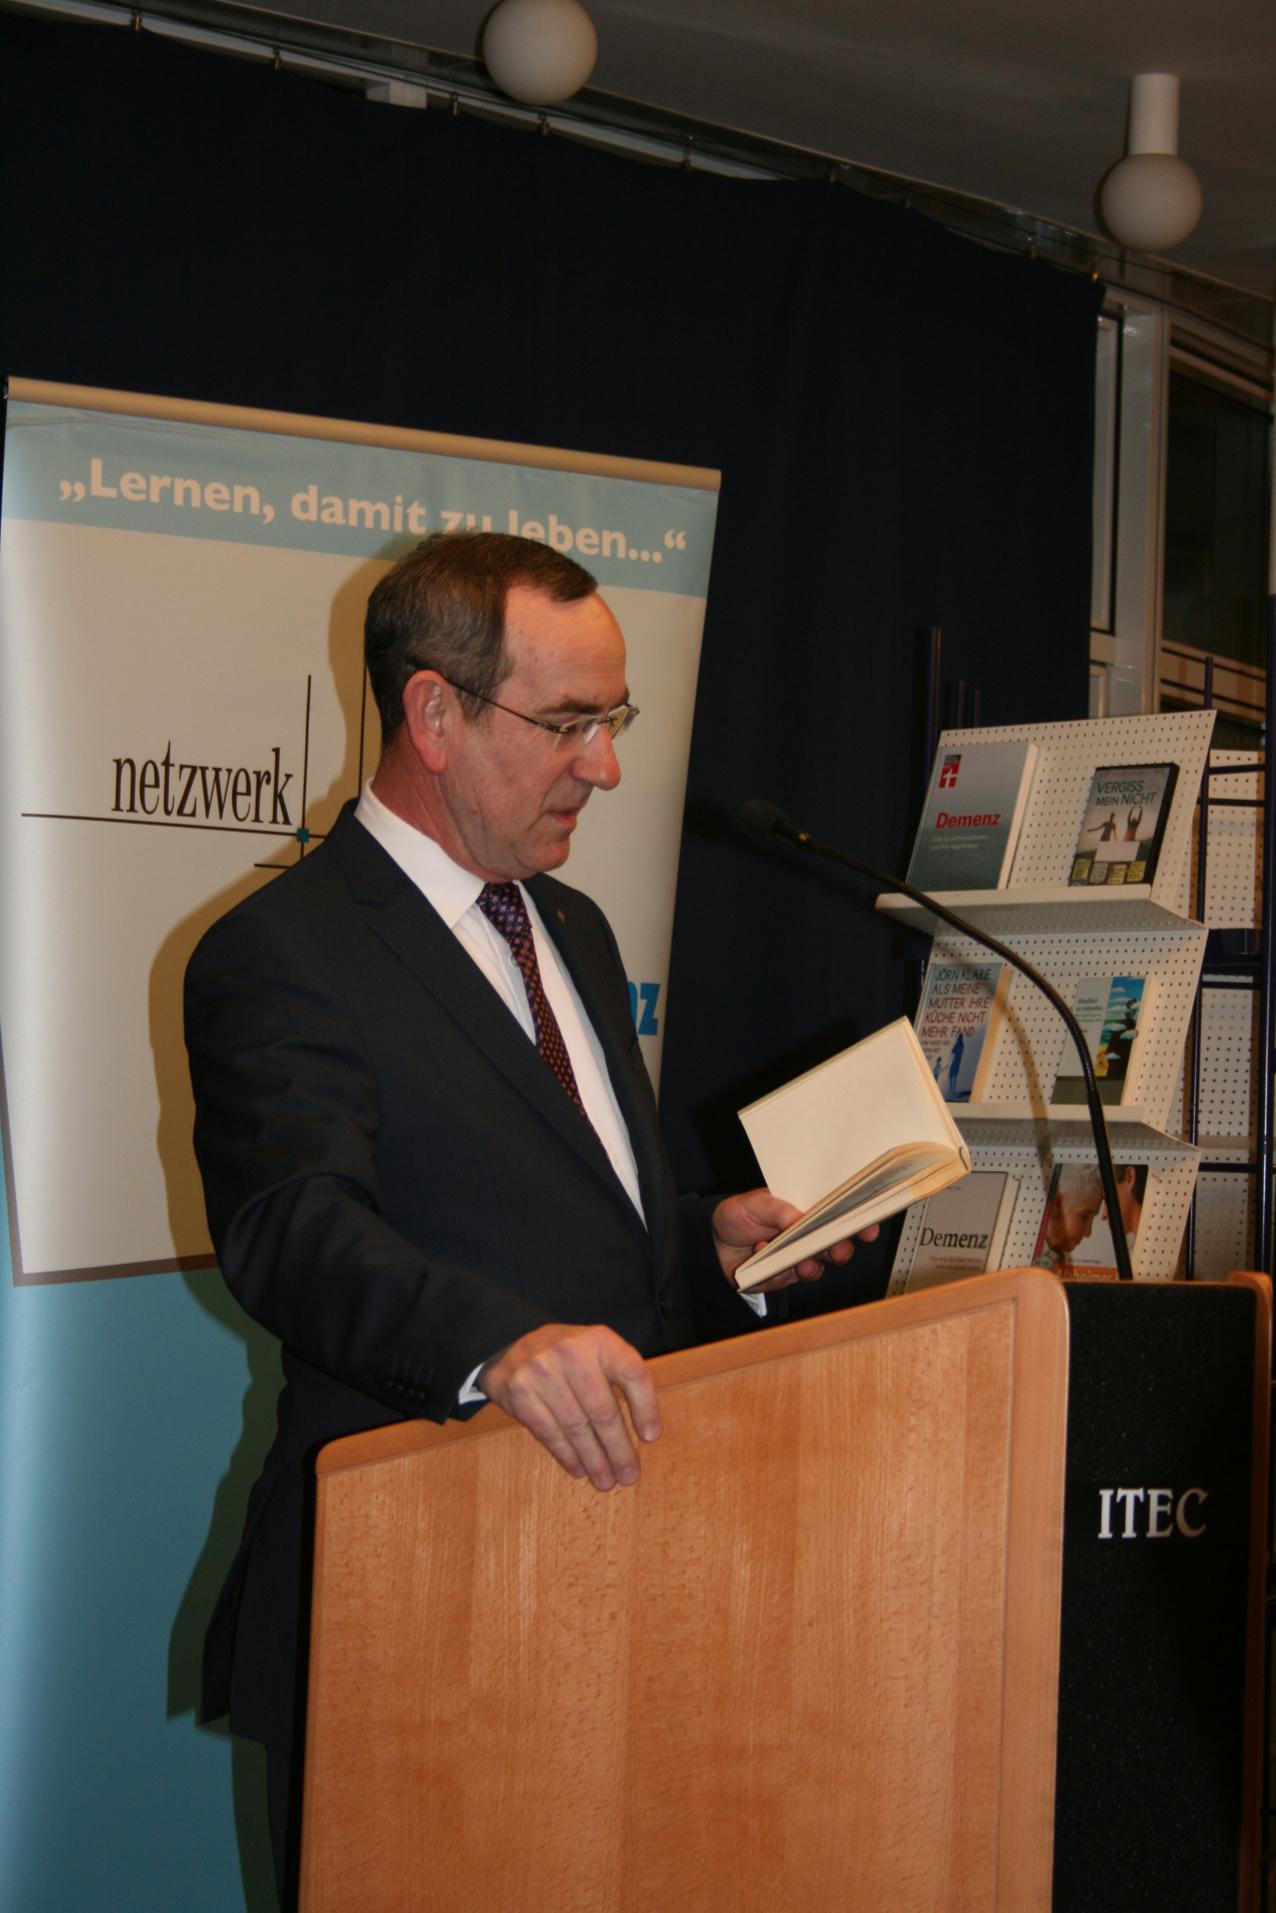 Baldur Stiehl, Vorsitzender des Netzwerkes Demenz Bad Kreuznach, begrüßt die Gäste.